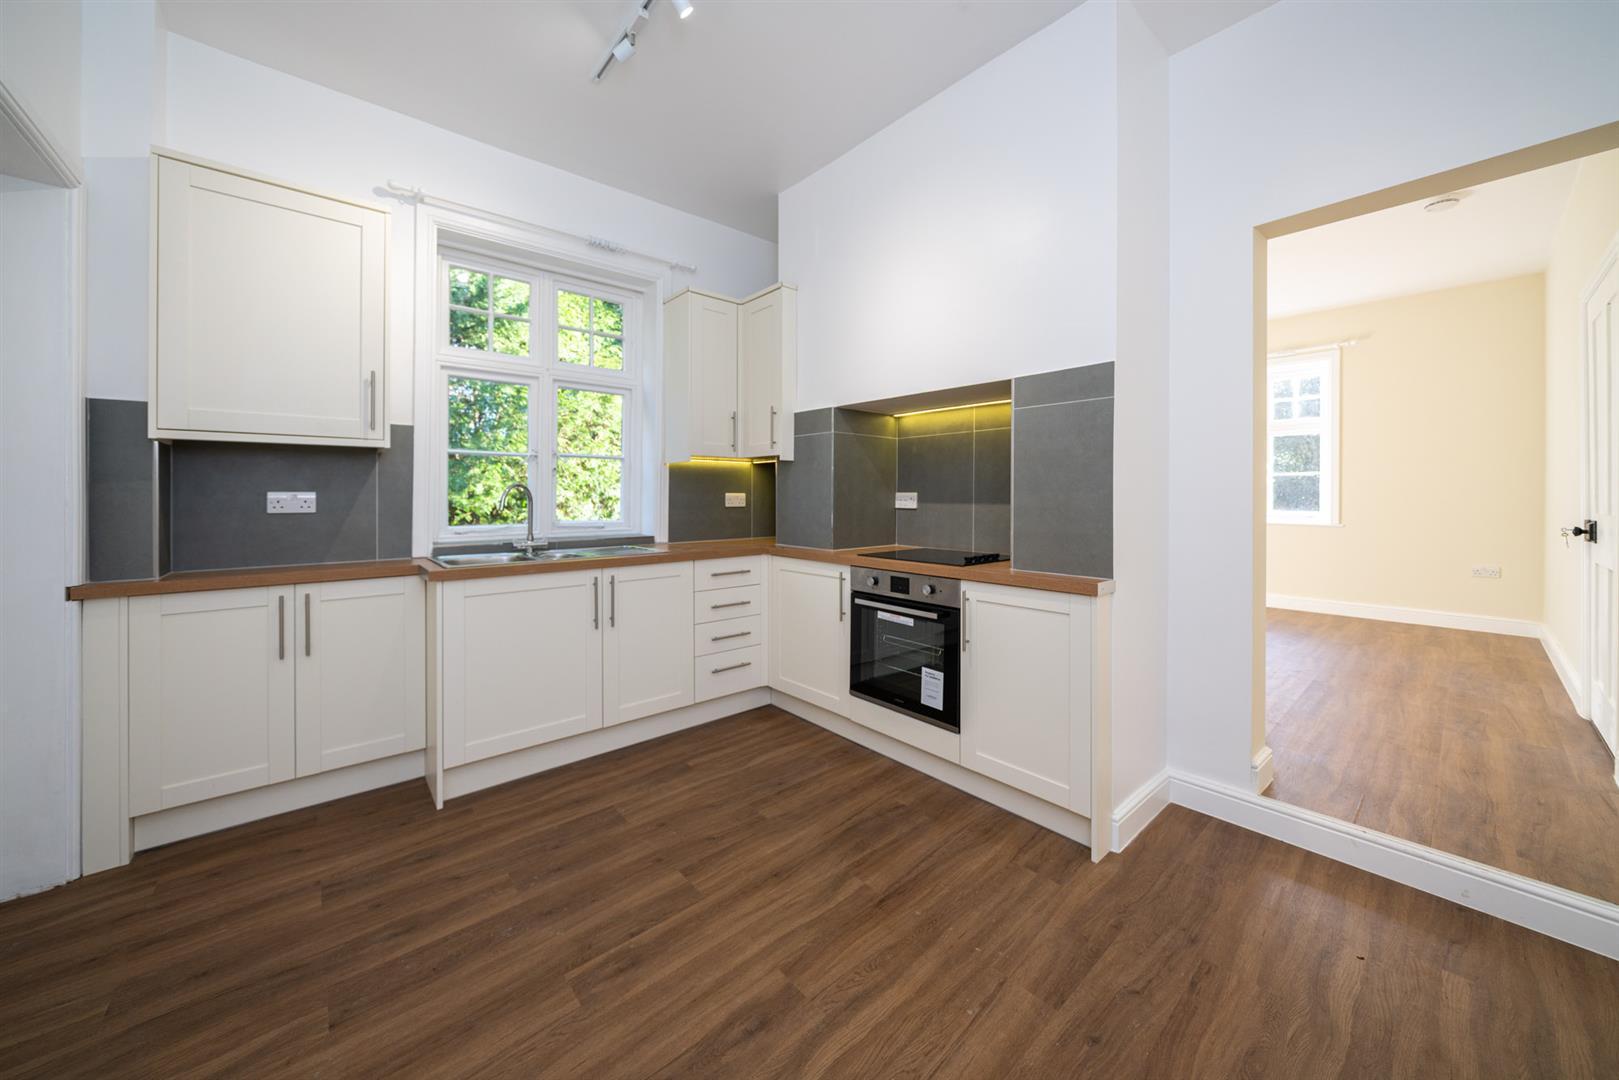 Golden-Parsonage-Lodge-8621 - kitchen.jpg